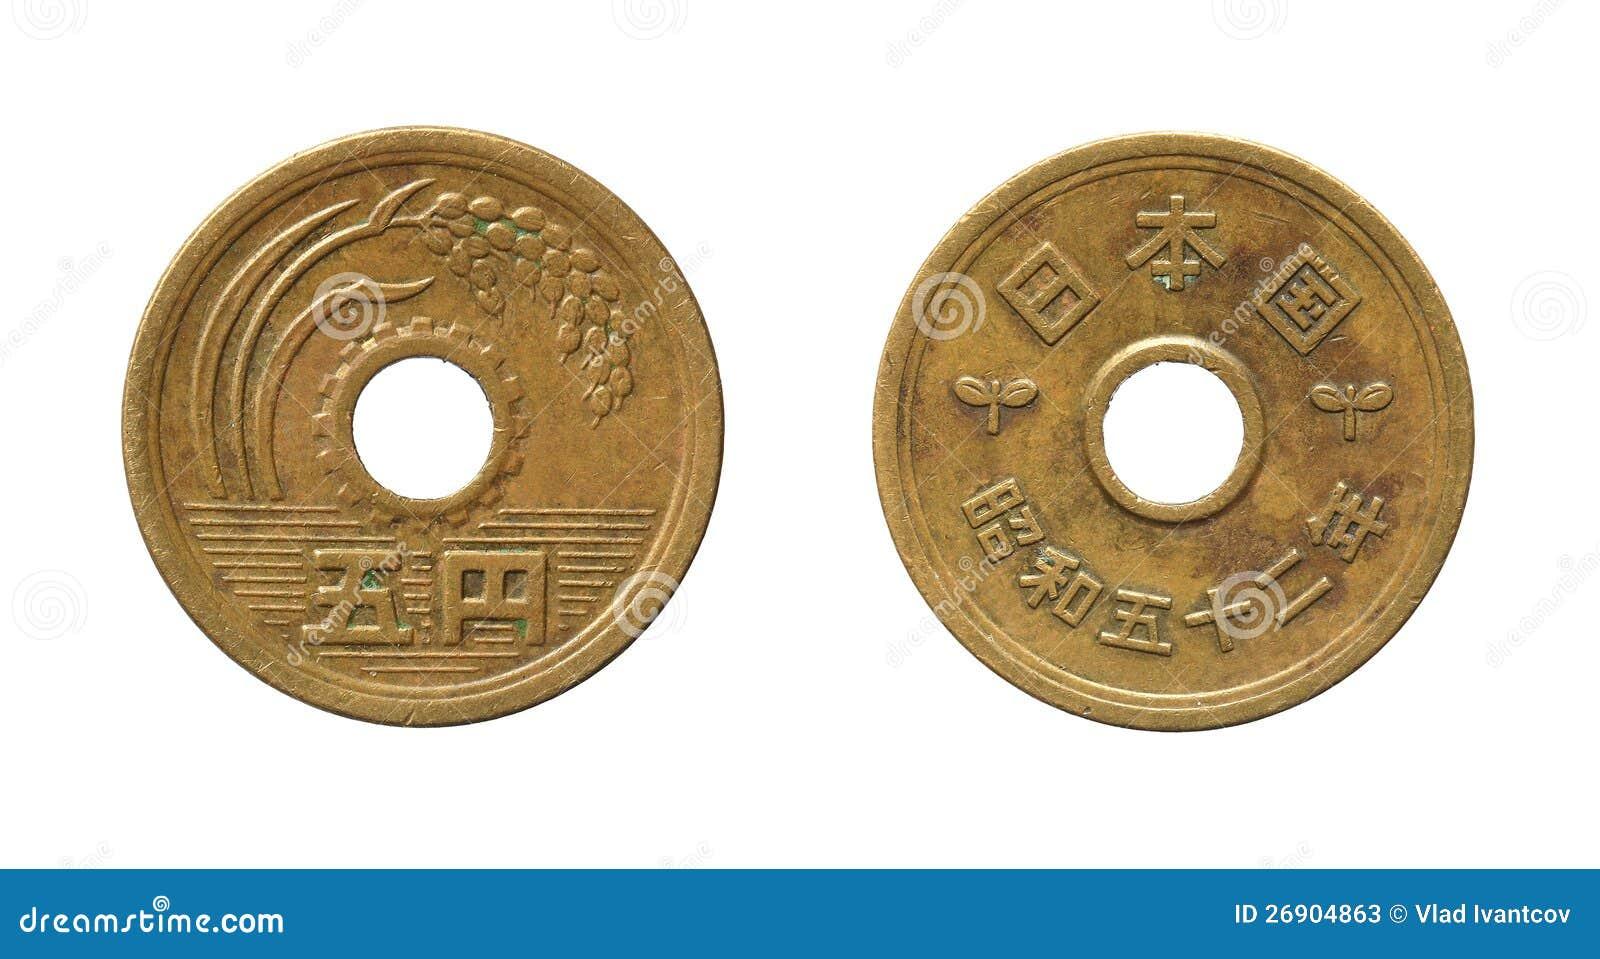 pi ce de monnaie japonaise photos stock image 26904863. Black Bedroom Furniture Sets. Home Design Ideas